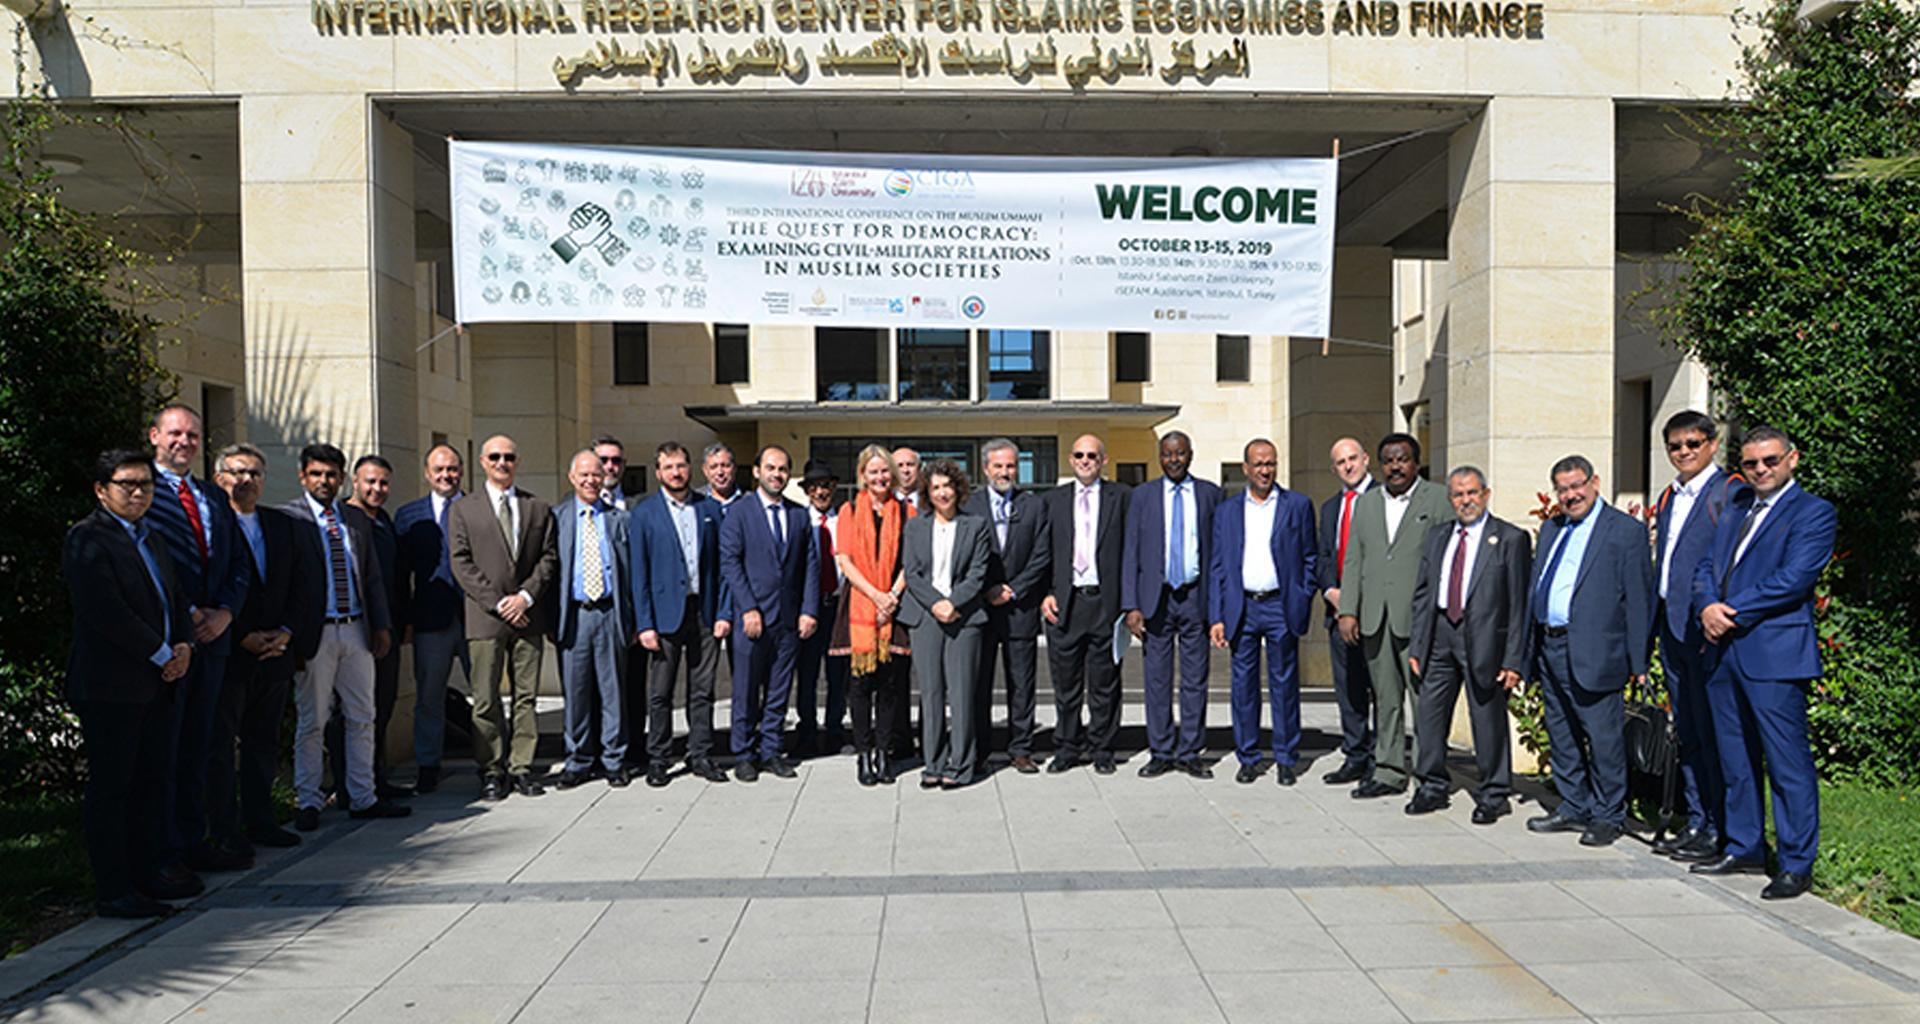 كلية الدراسات الإسلامية تشارك في المؤتمر الدولي الثالث حول الأمة الإسلامية